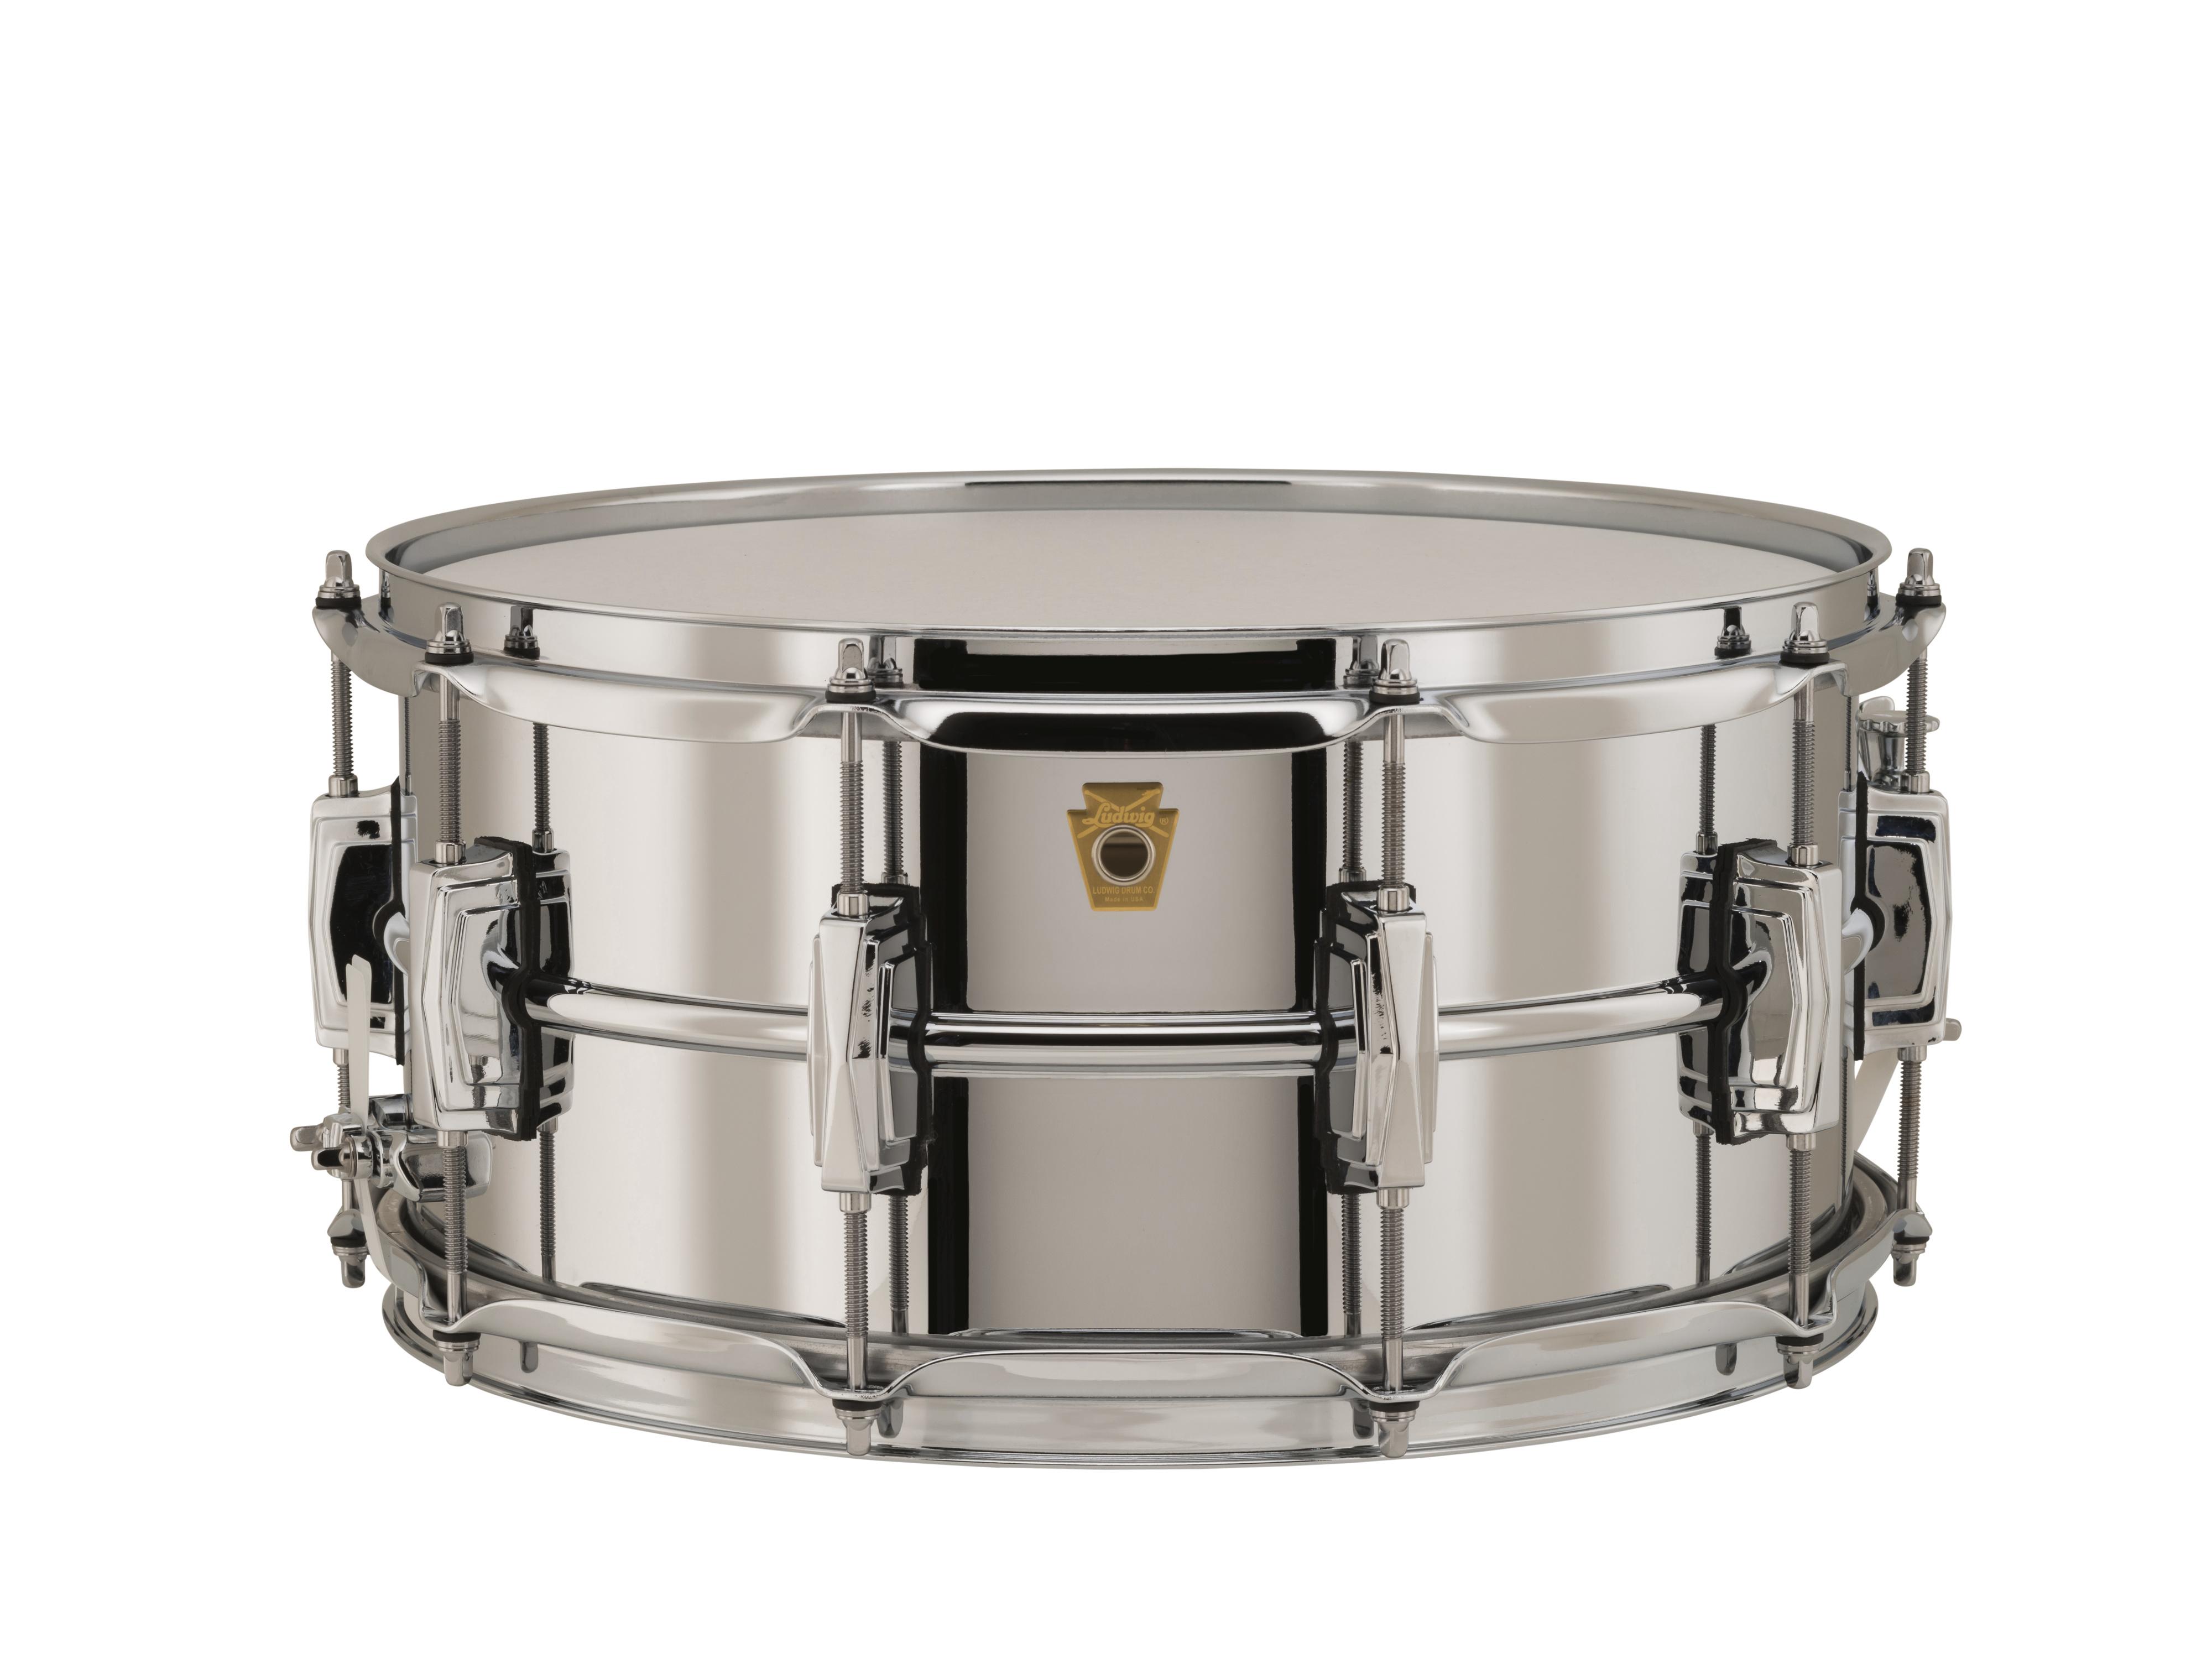 ludwig drums chrome over brass. Black Bedroom Furniture Sets. Home Design Ideas